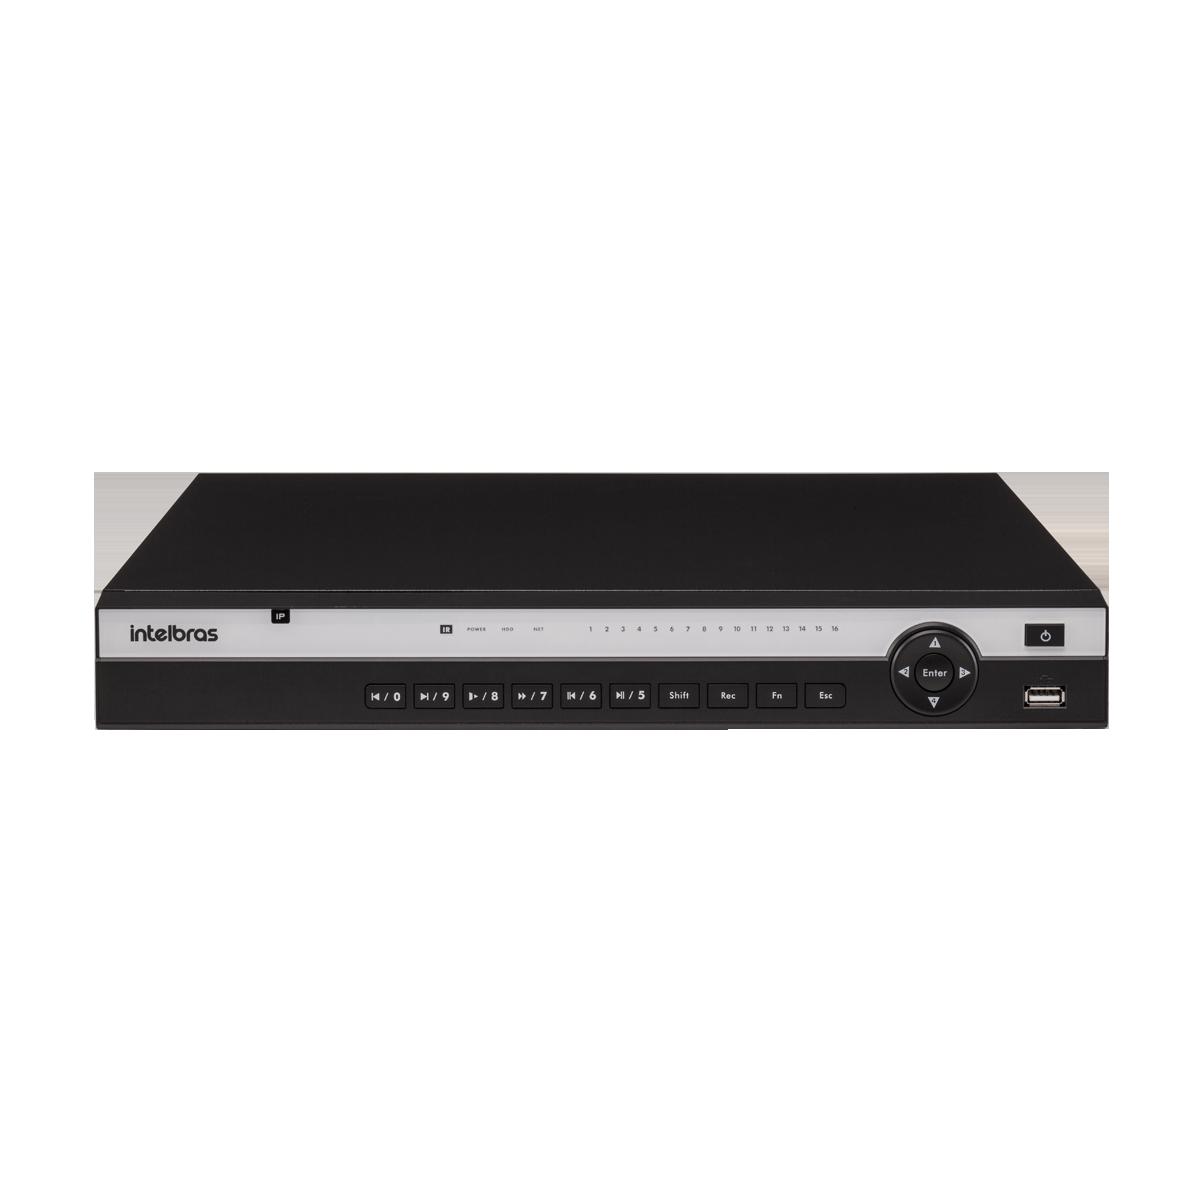 NVD 1316 C/ HD 4TB - GRAV. DIG. DE VÍDEO EM REDE PARA ATÉ 16 CANAIS IP, H.265, SUPORTA RESOLUÇÃO ATÉ 8MP, HD de 4TB instalado - PRODUÇÃO CUSTOMIZADA COM ENTREGA EM ATÉ 45 DIAS  - Sandercomp Virtual